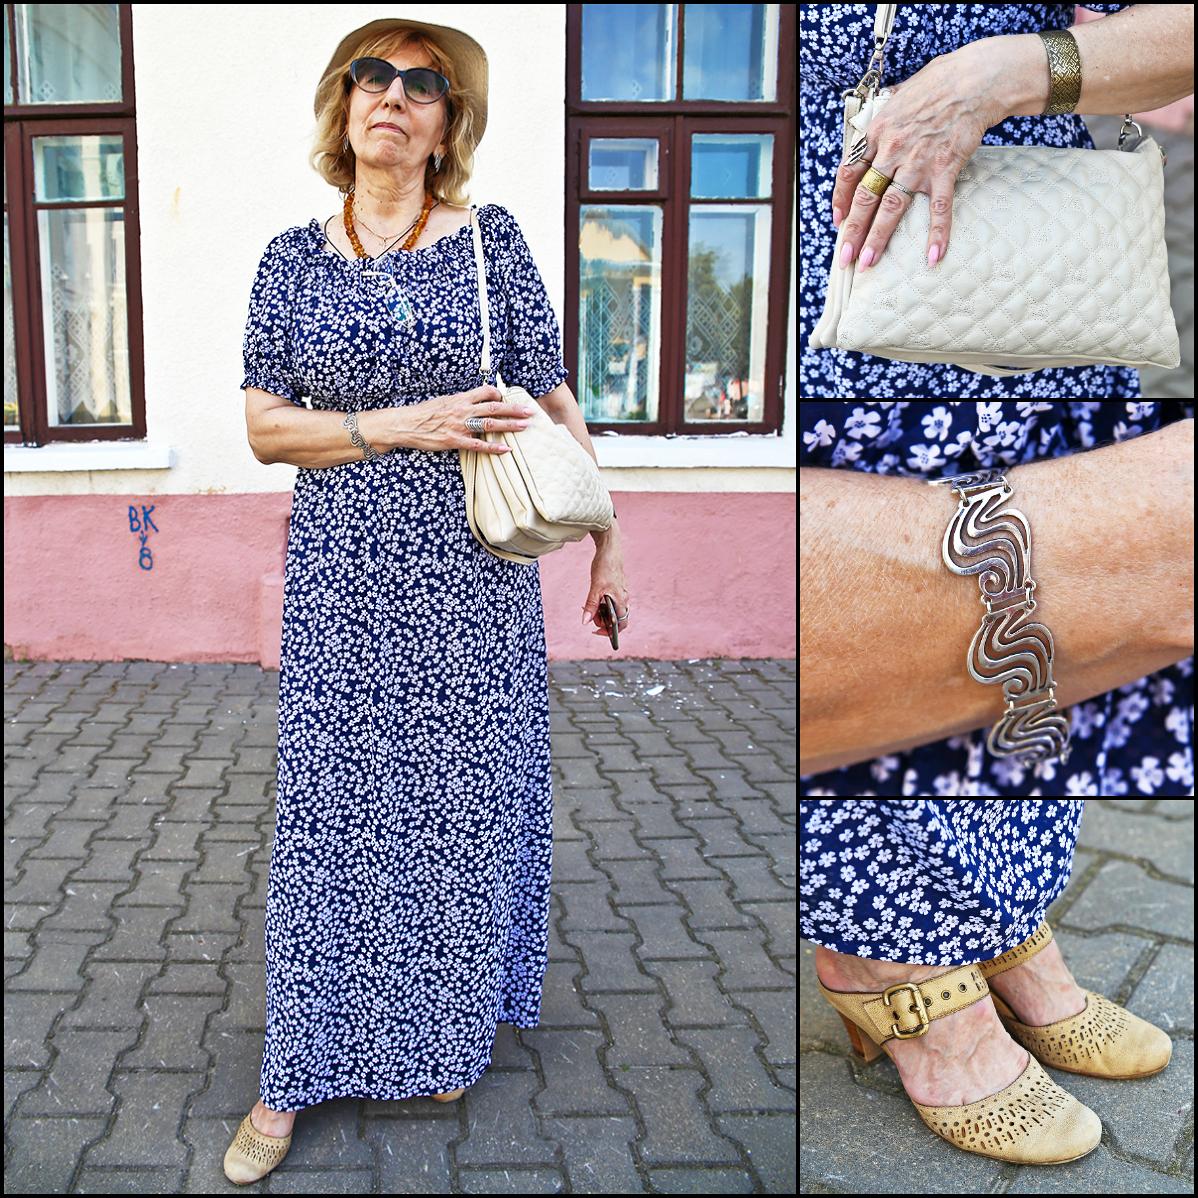 Надежда Филипповна. Фото: Евгений ТИХАНОВИЧ